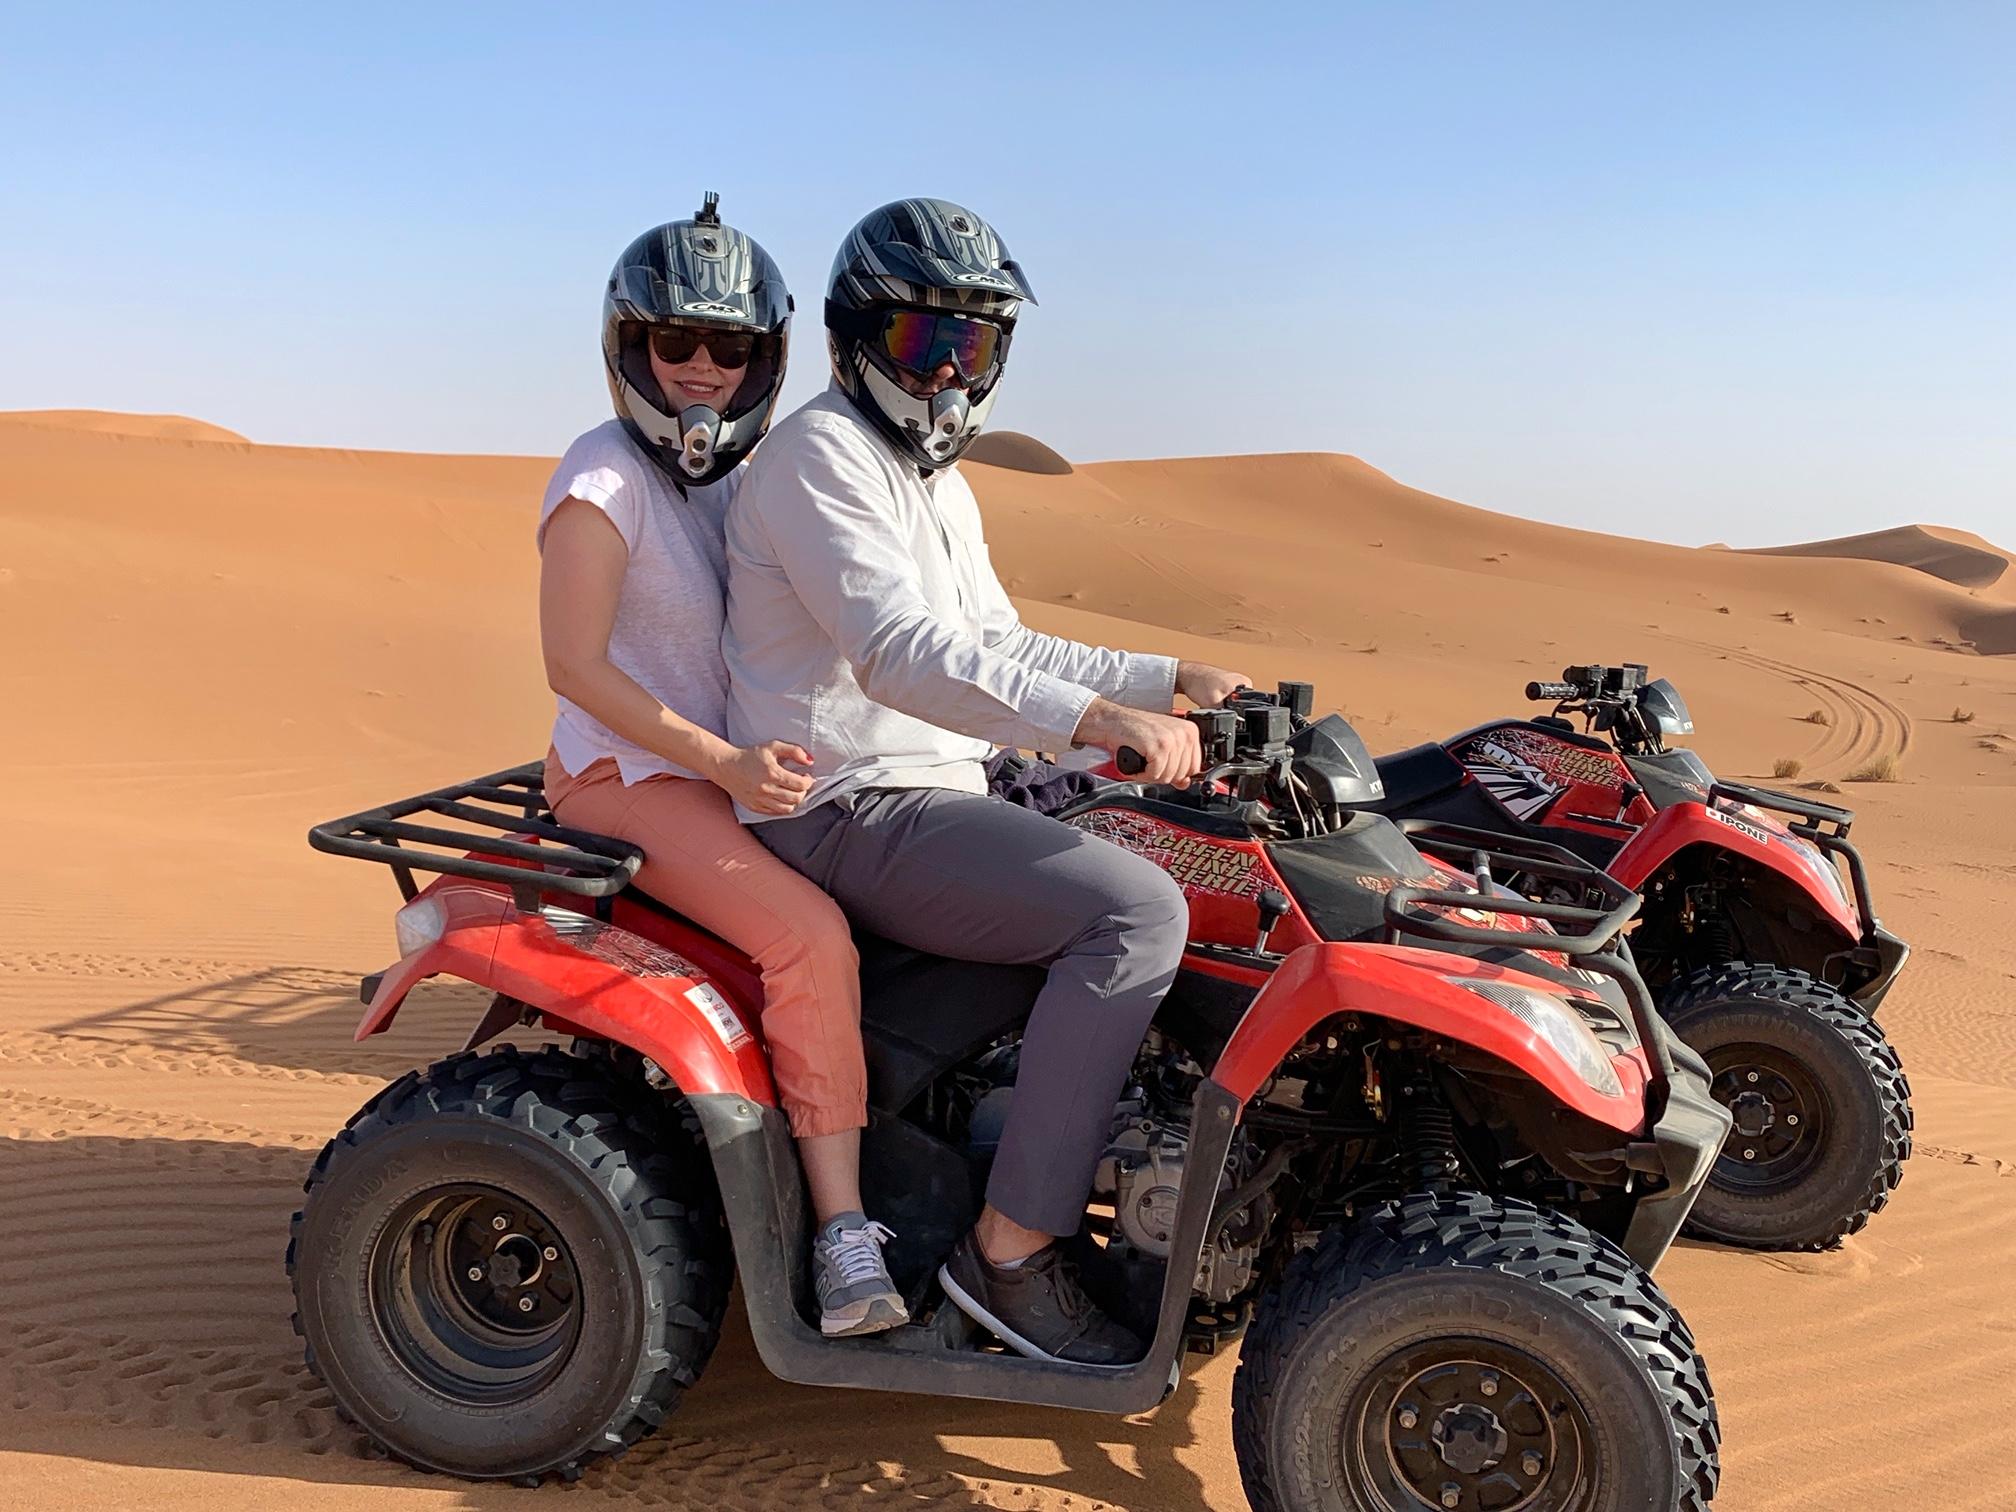 ATV RIDE, SAHARA DESERT, MOROCCO, THE-ALYST.COM